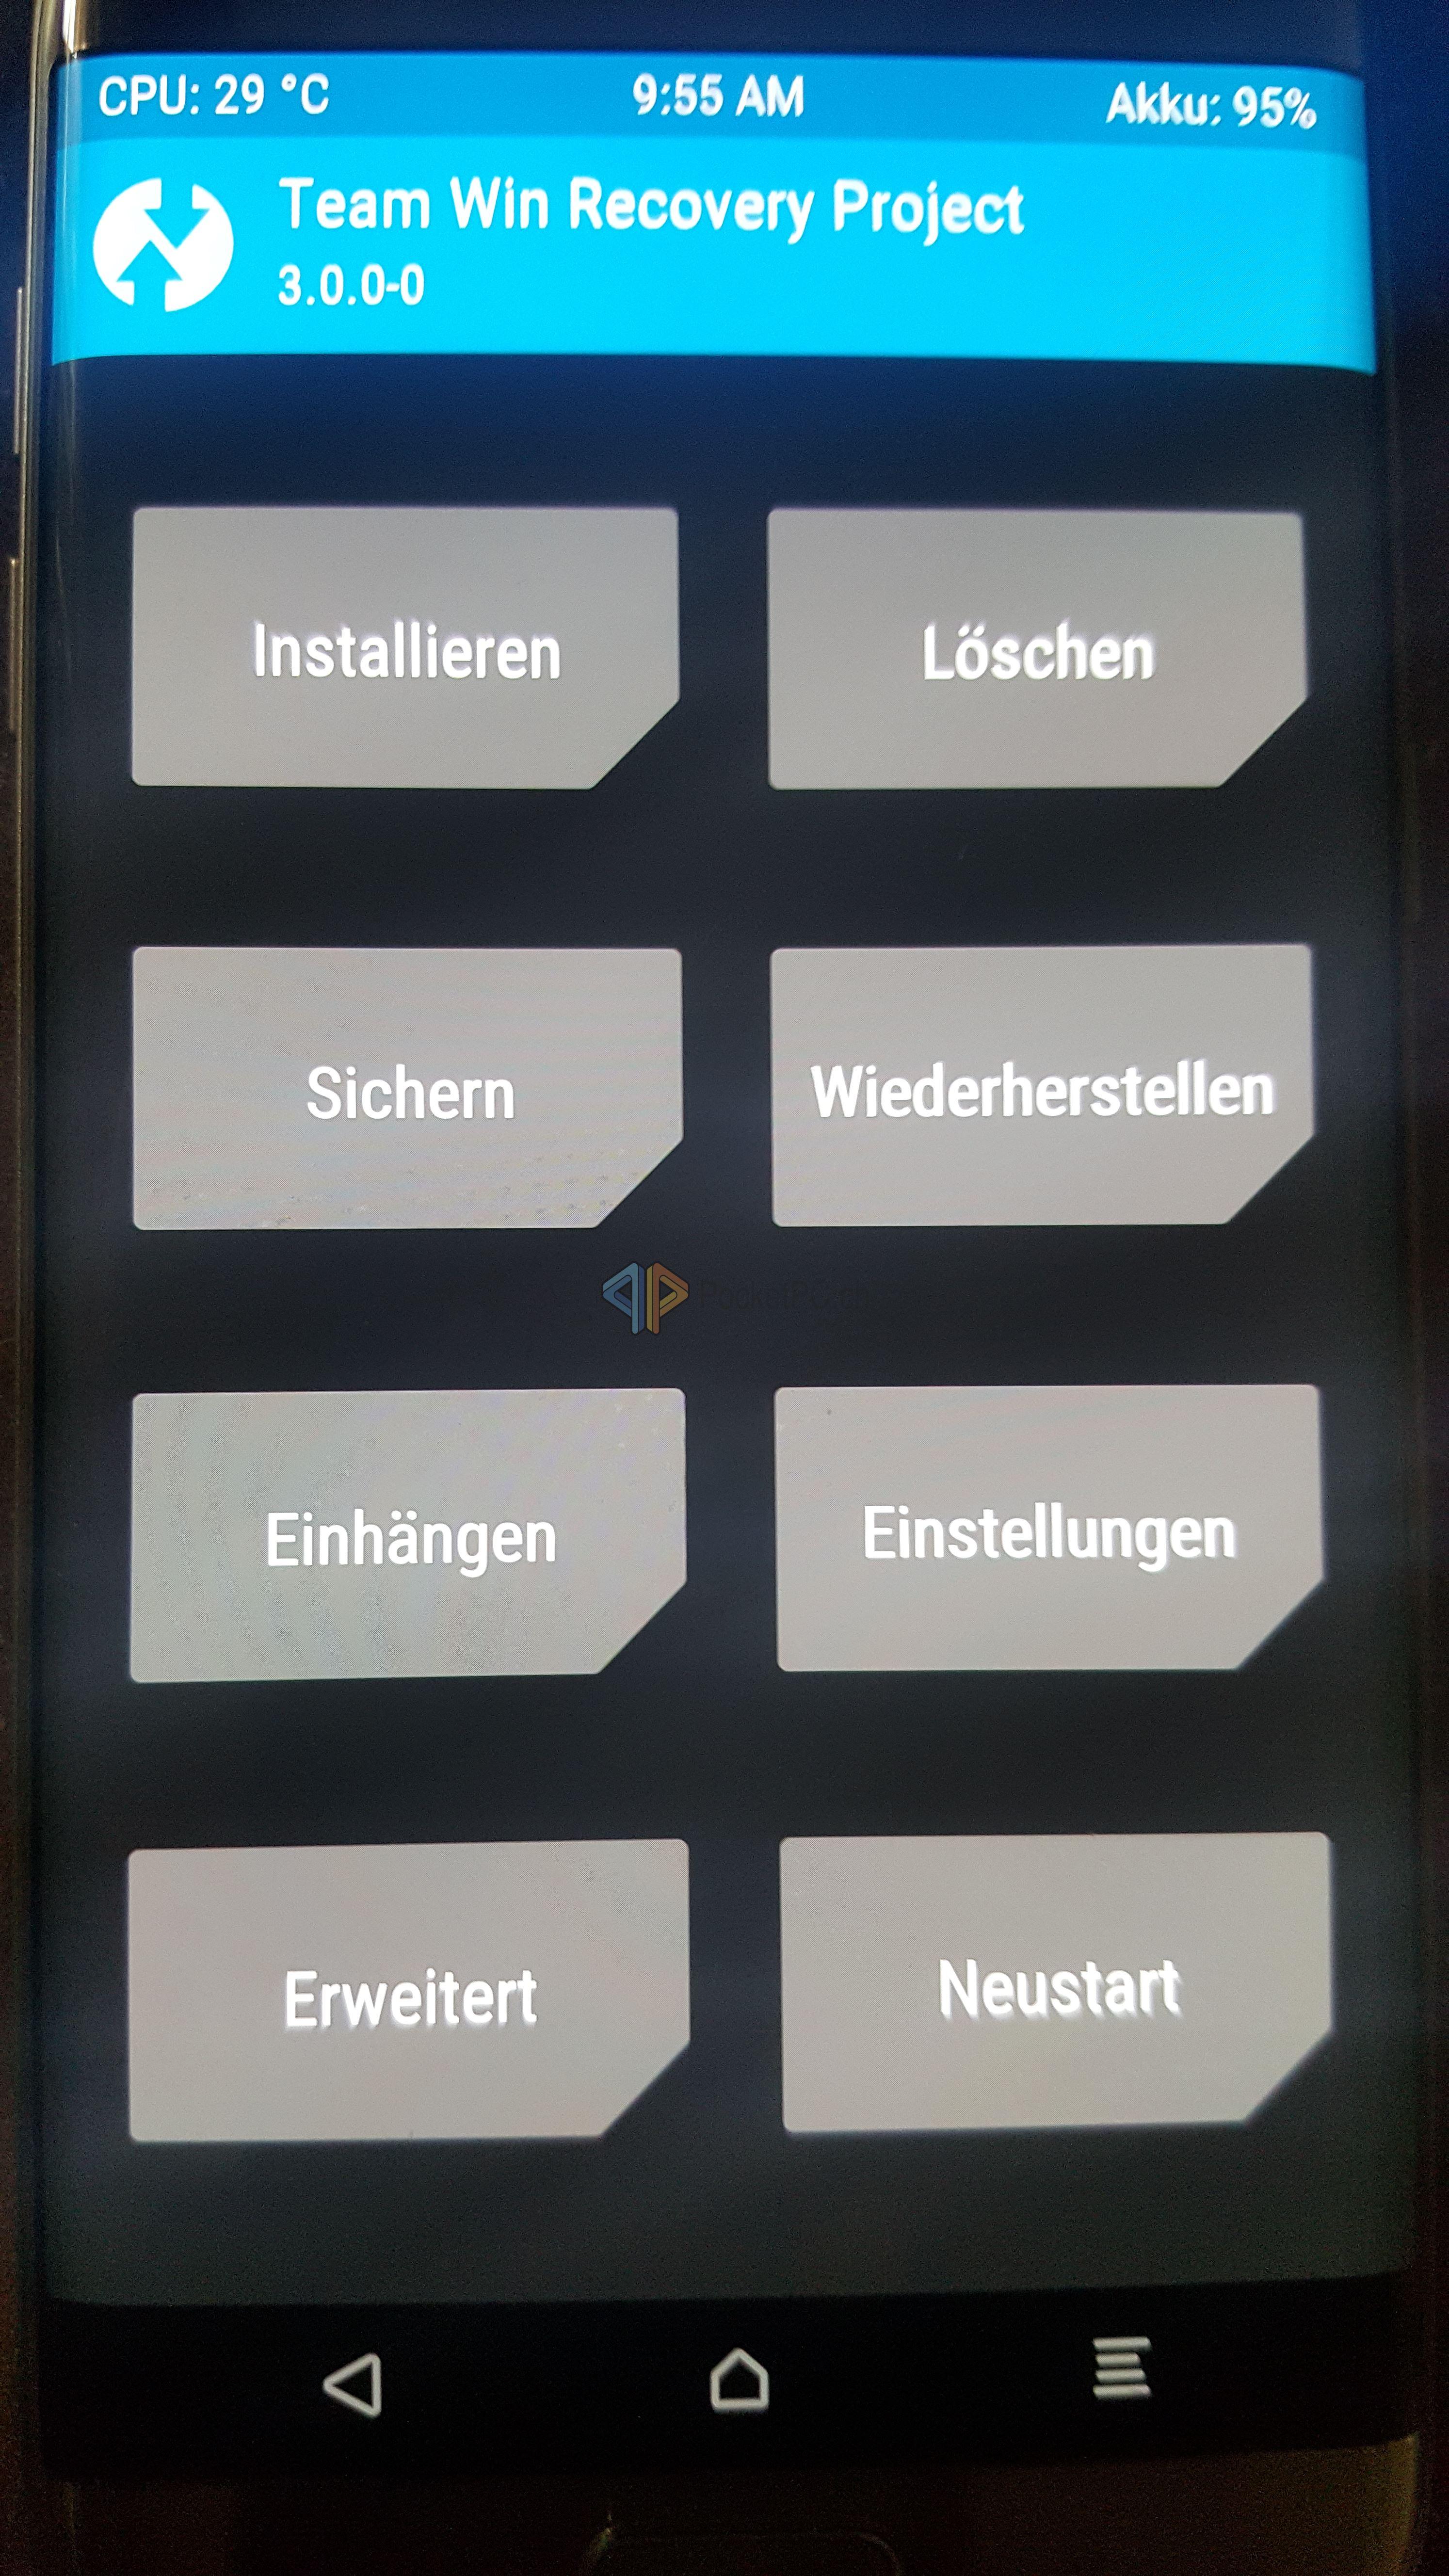 [Anleitung] Samsung Galaxy S7/S7 Edge SM-G930F/G935F - Root per TWRP und SuperSU.zip-20160313_155507.jpg